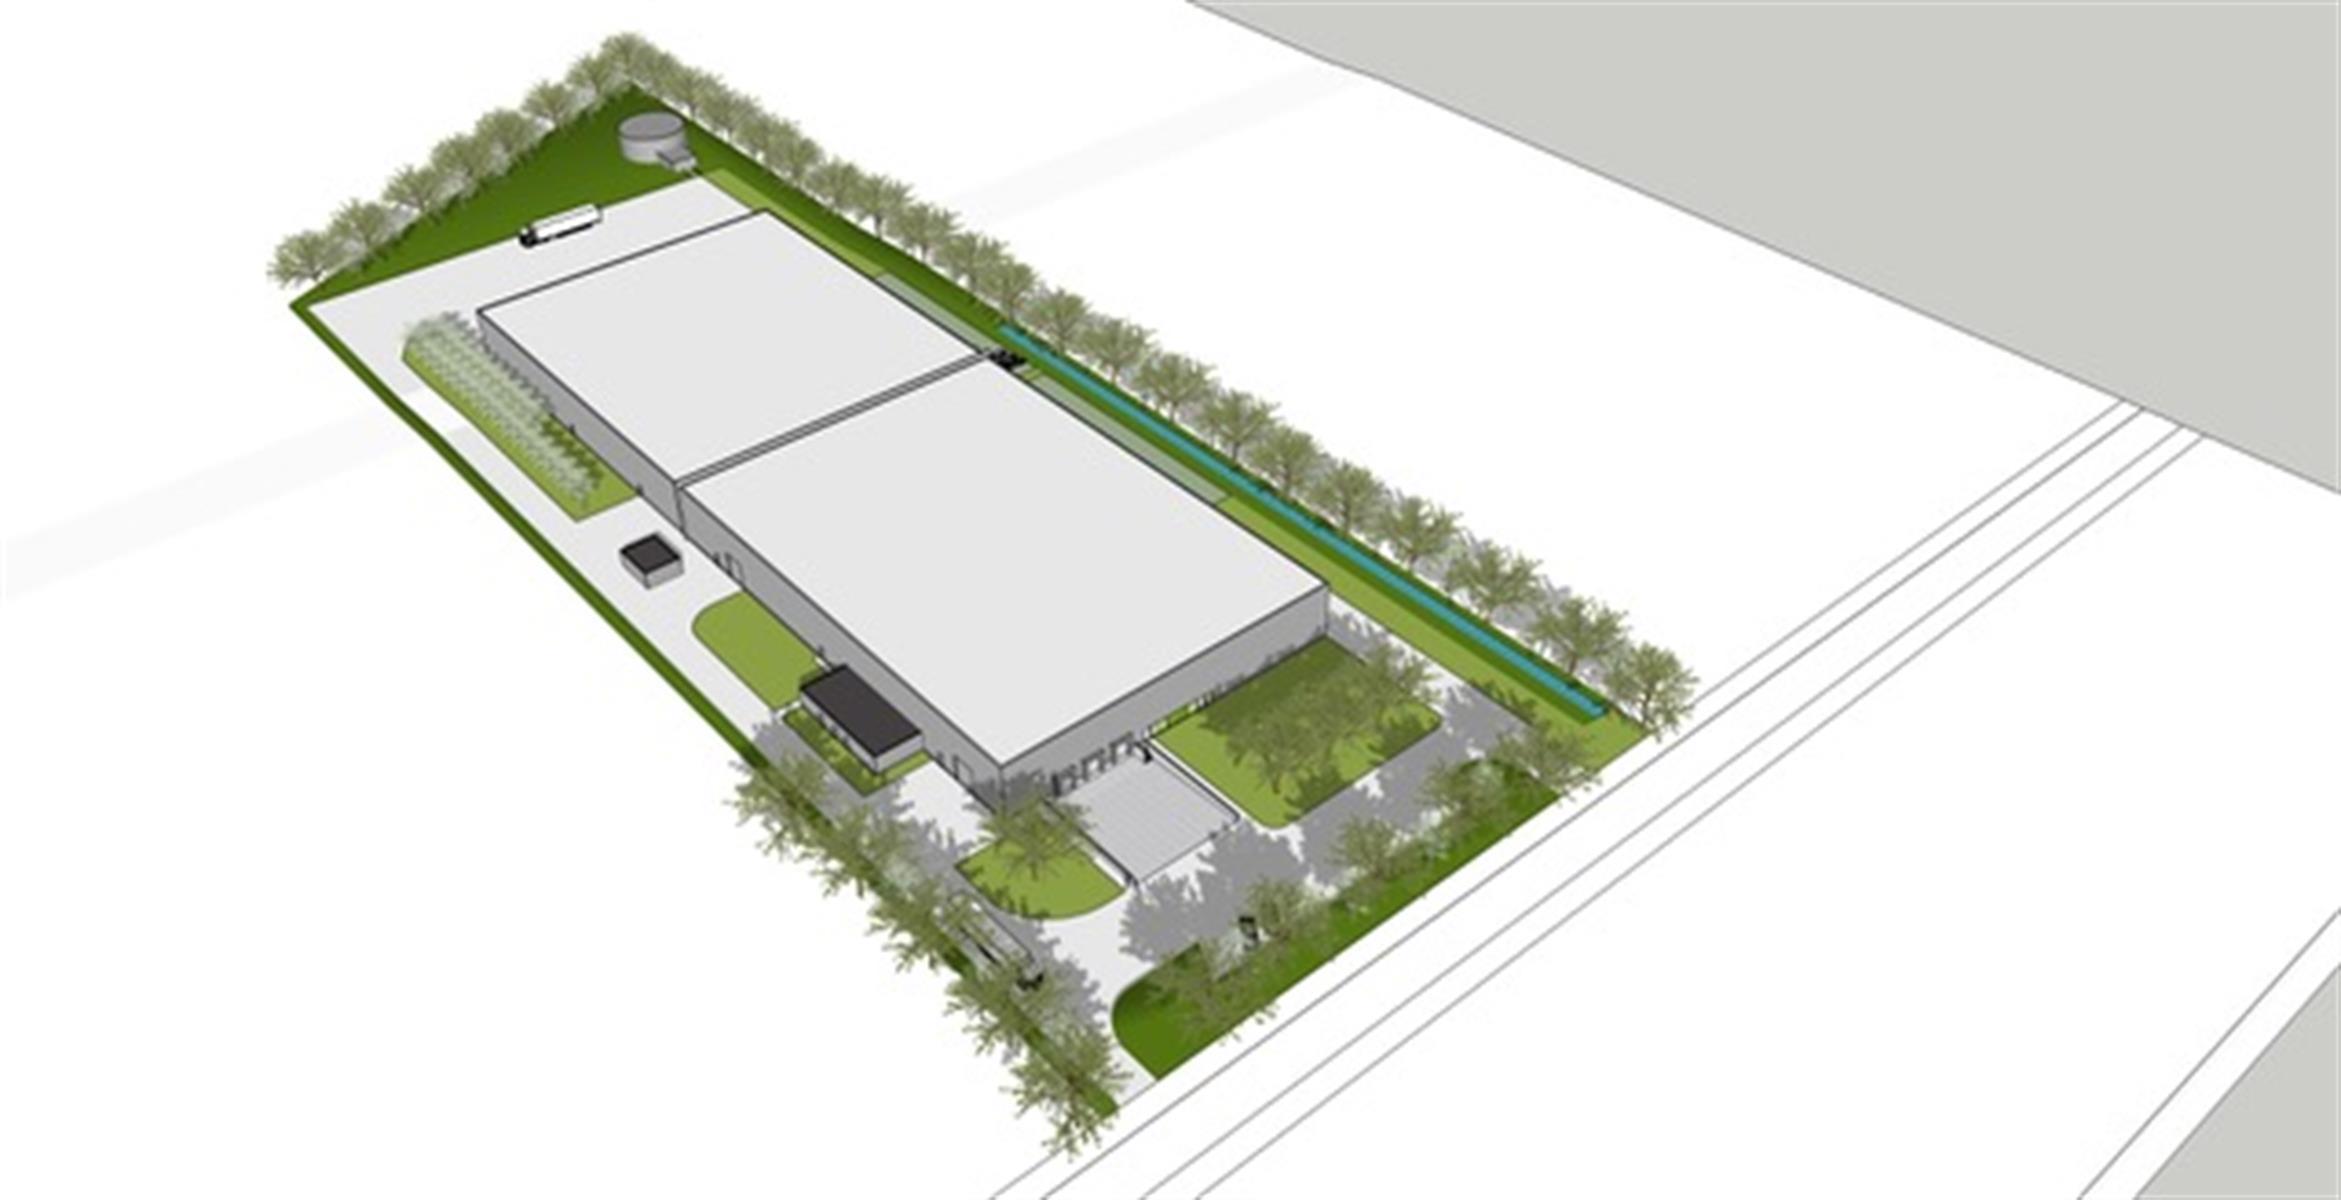 gebouw voor gemengd gebruik te huur I166 - Essenschotstraat 2, 3980 Tessenderlo, België 4